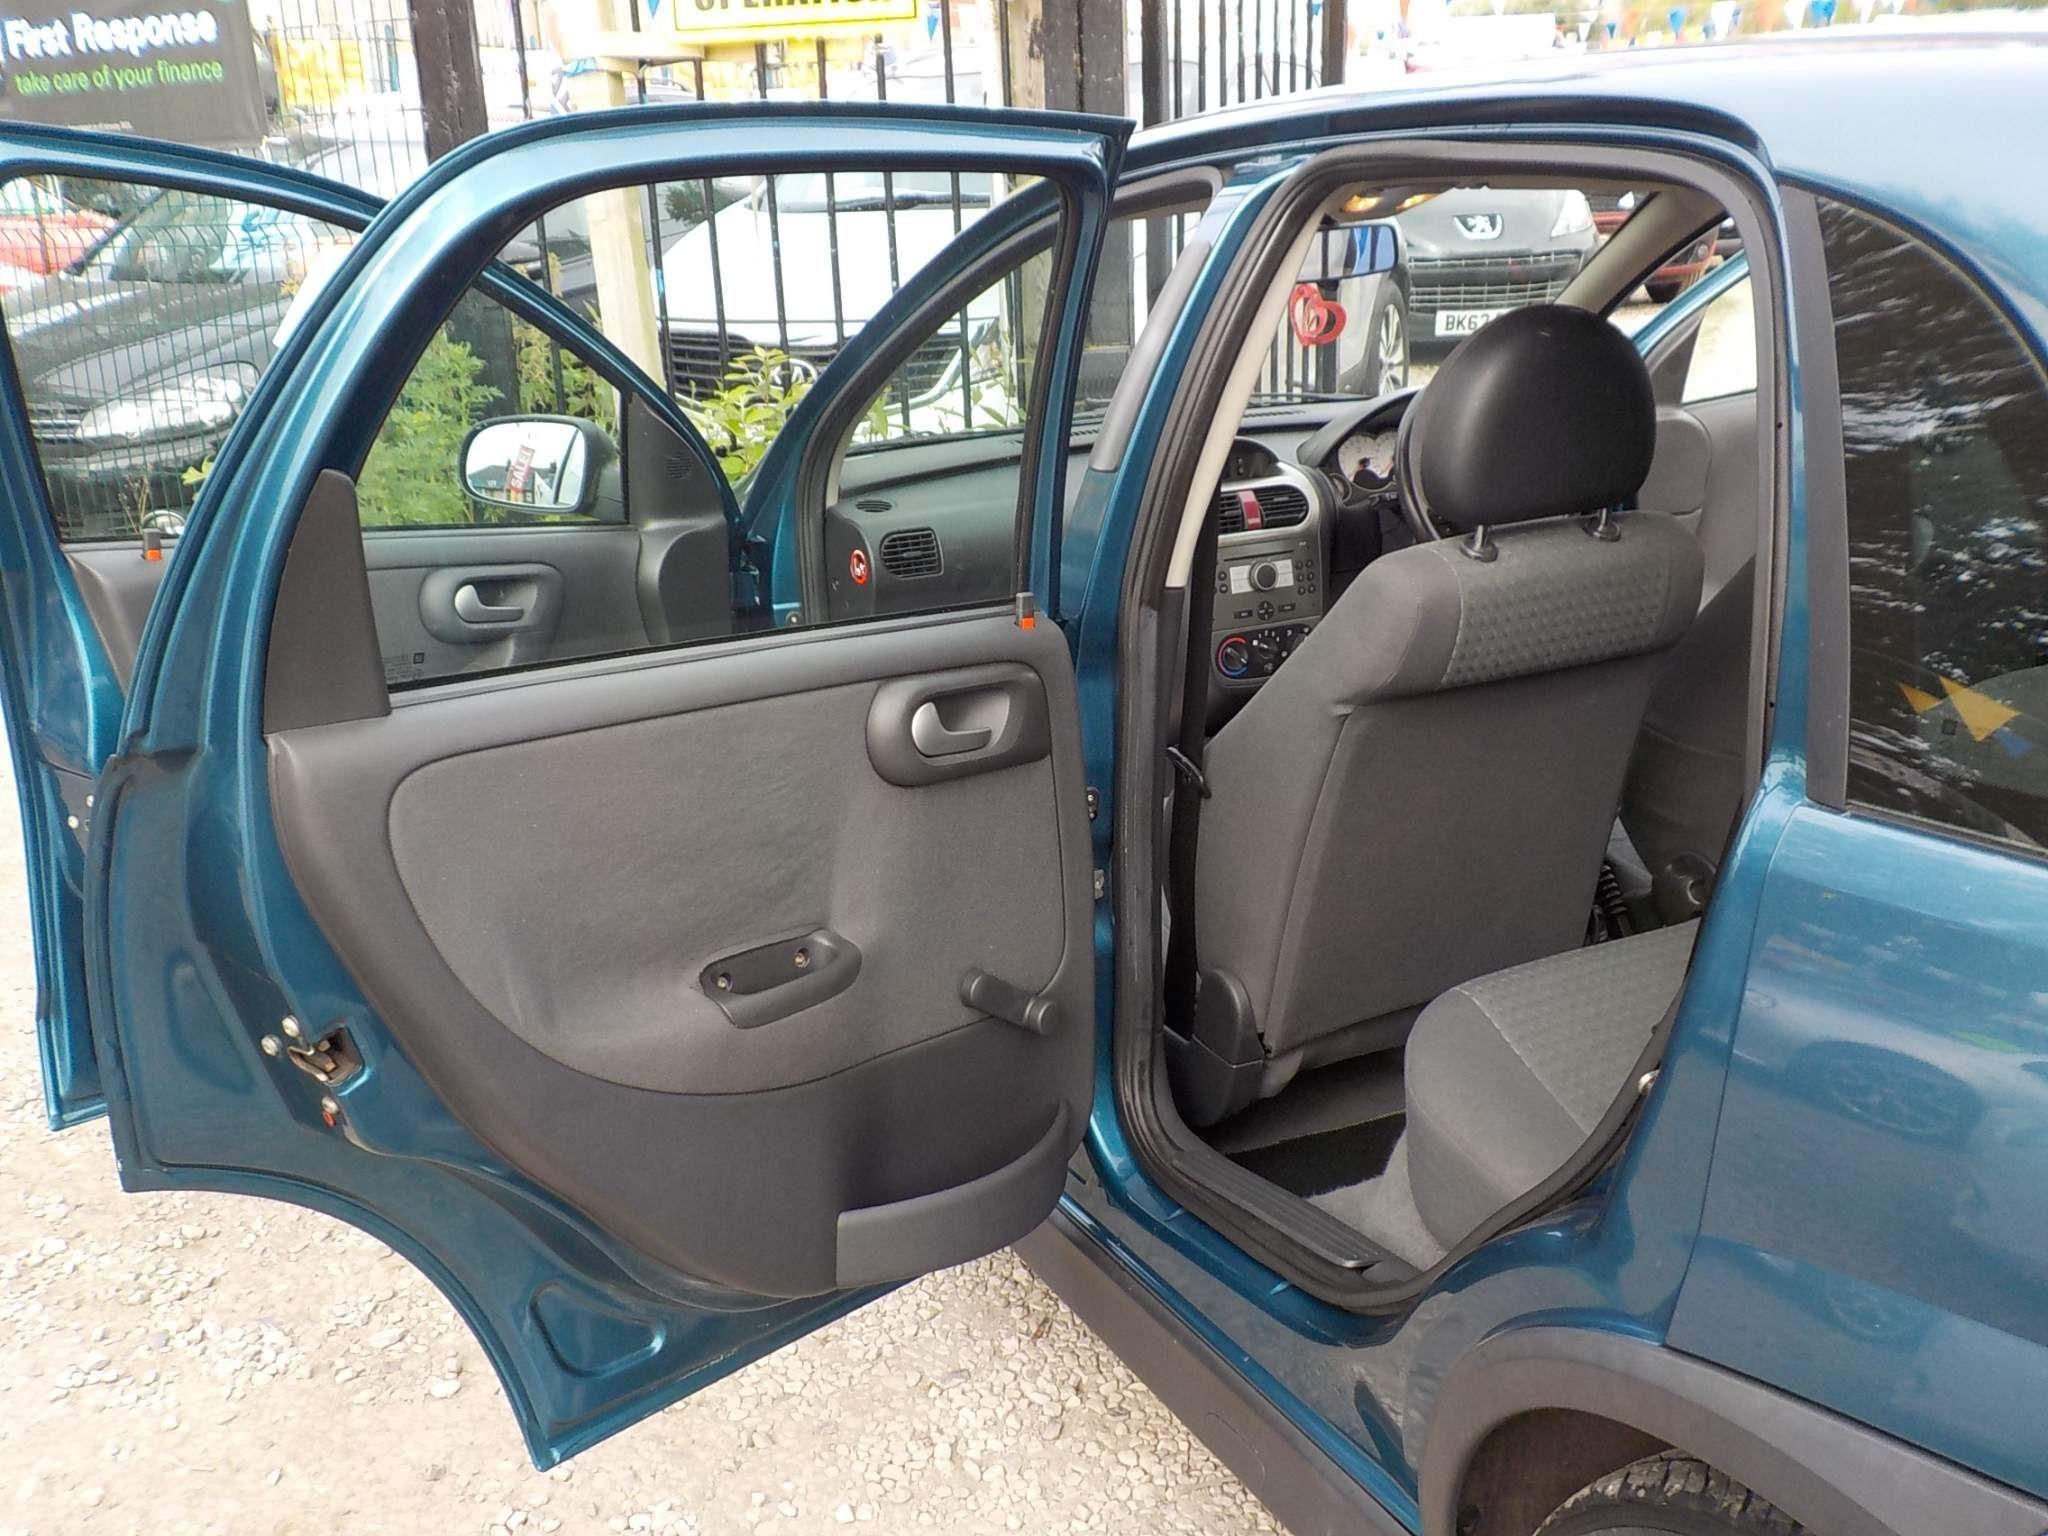 Vauxhall Corsa 1.2 i 16v SXi 5dr